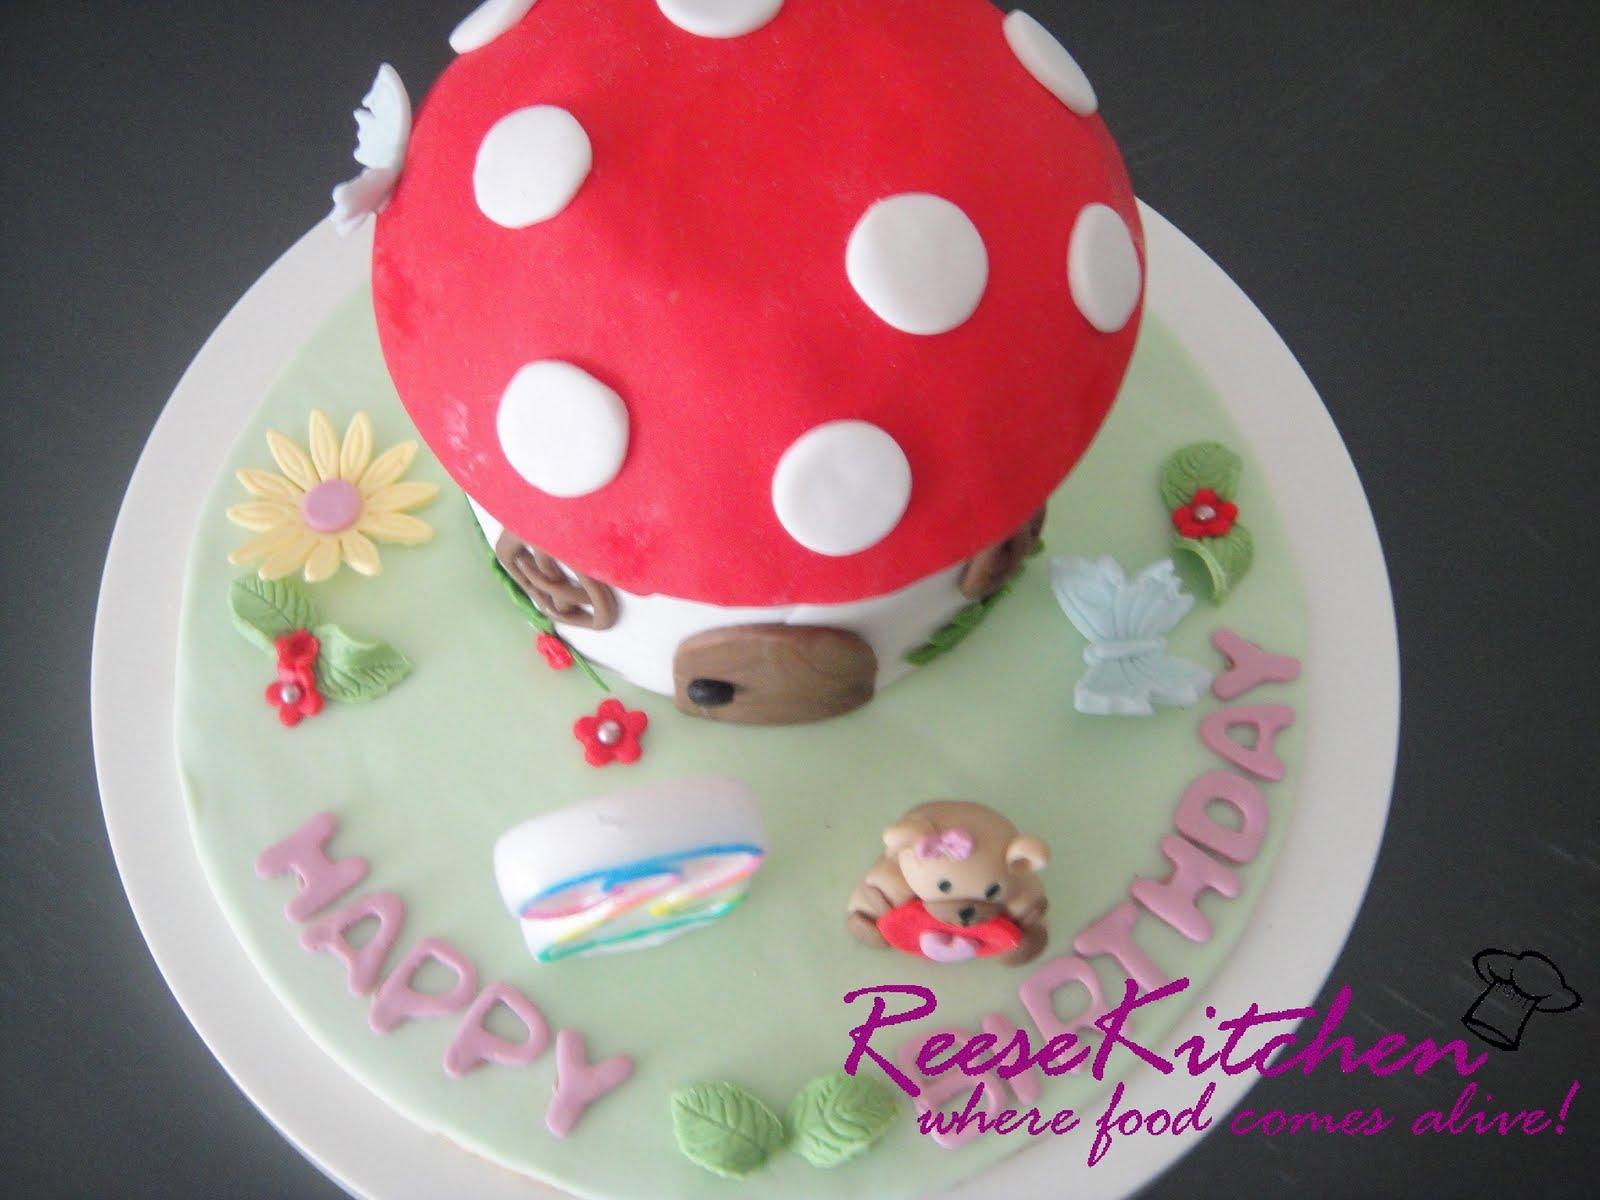 ReeseKitchen Birthday CakeS